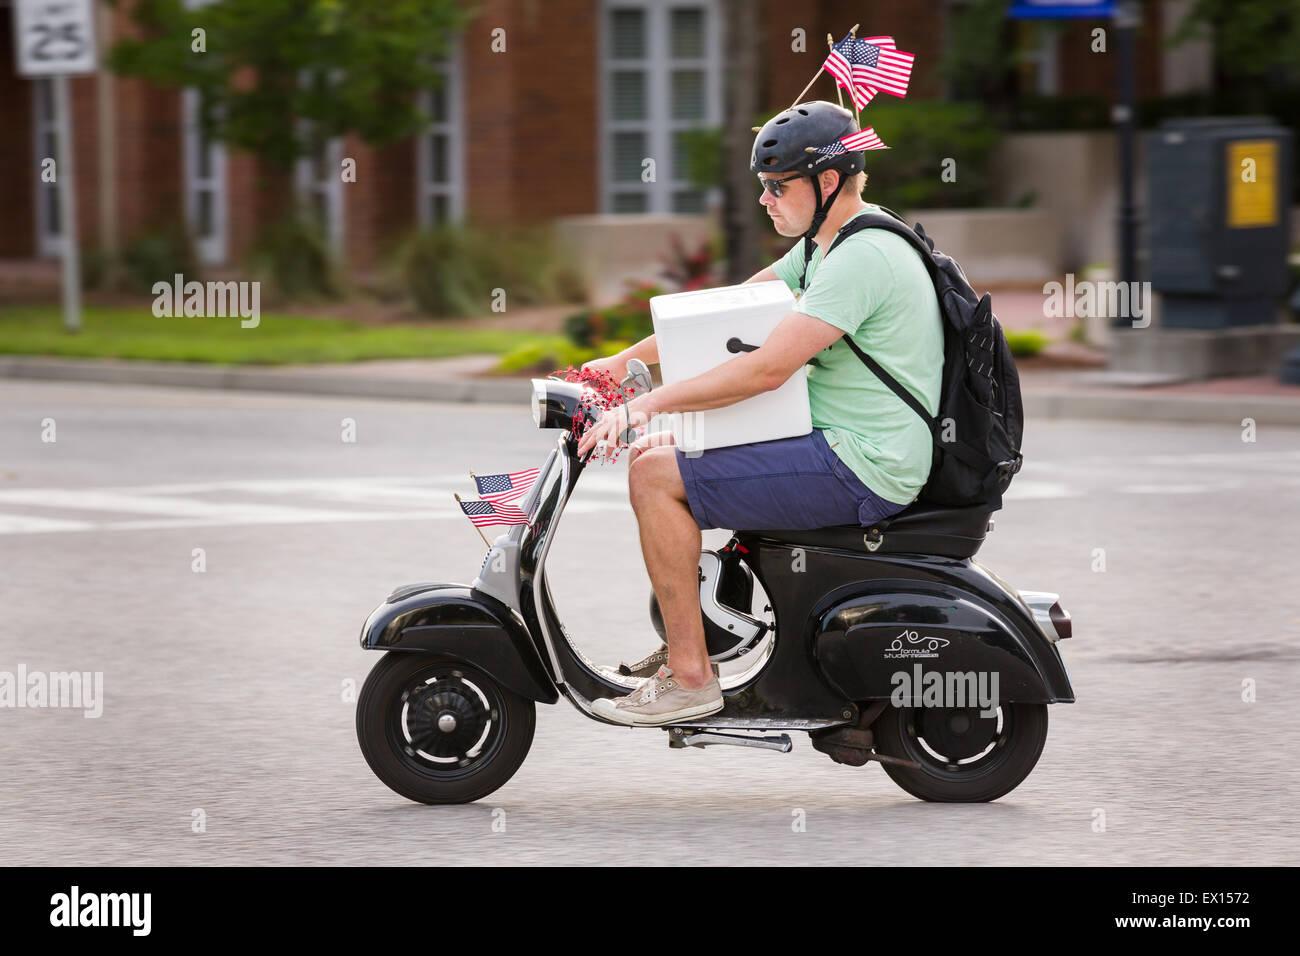 Un uomo che porta un raffreddatore sul suo scooter rides decorate con bandierine americane durante il Daniel Isola Immagini Stock